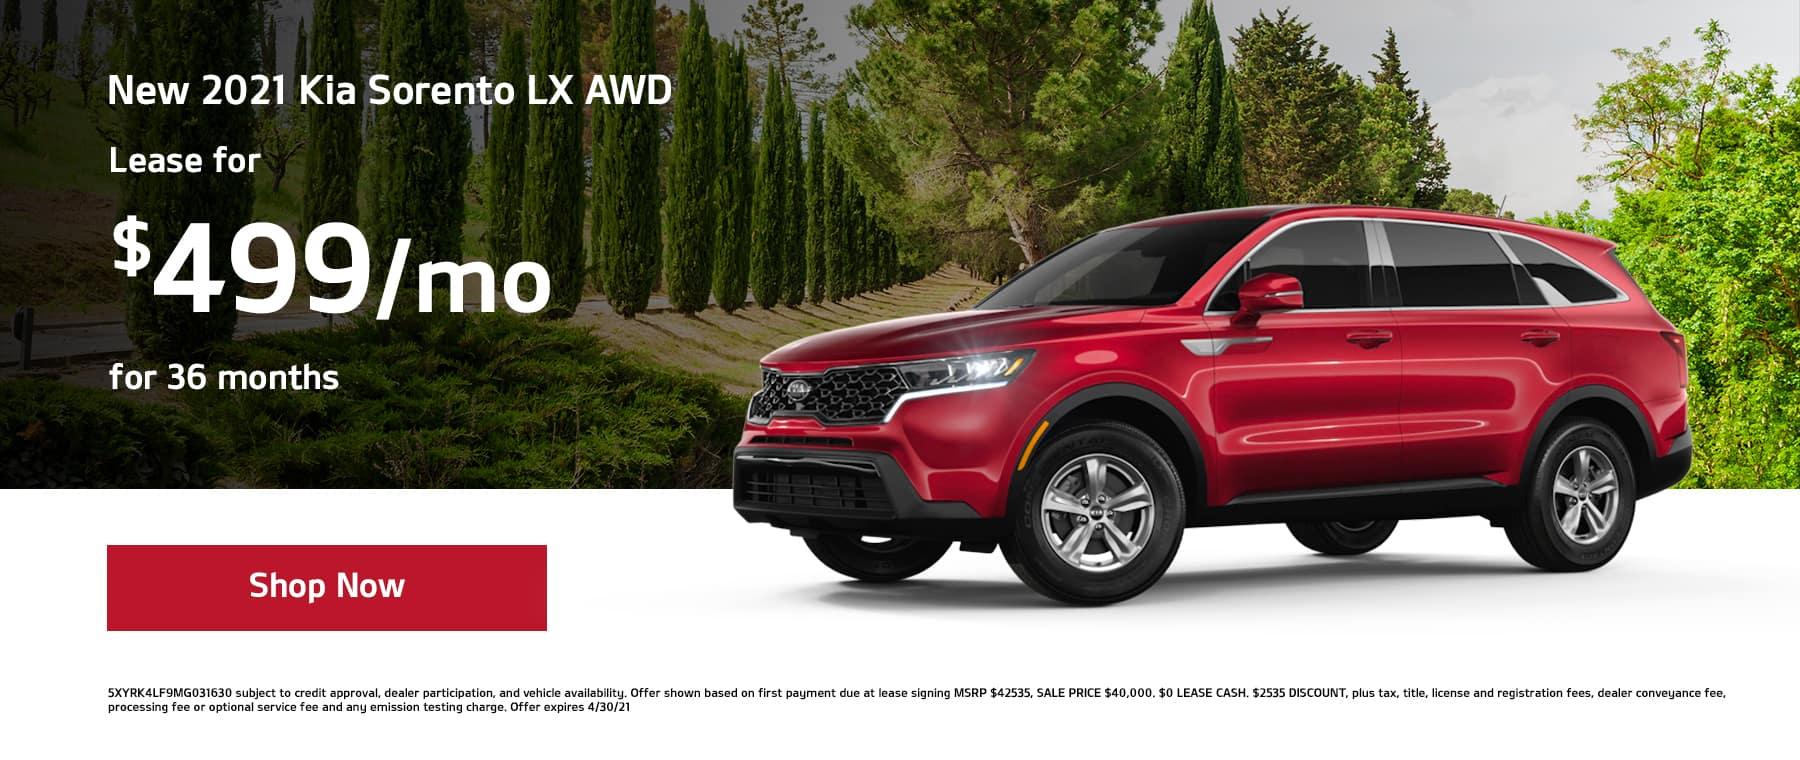 Lease a New 2021 Kia Sorento LX AWD for $499/mo for 36mos!